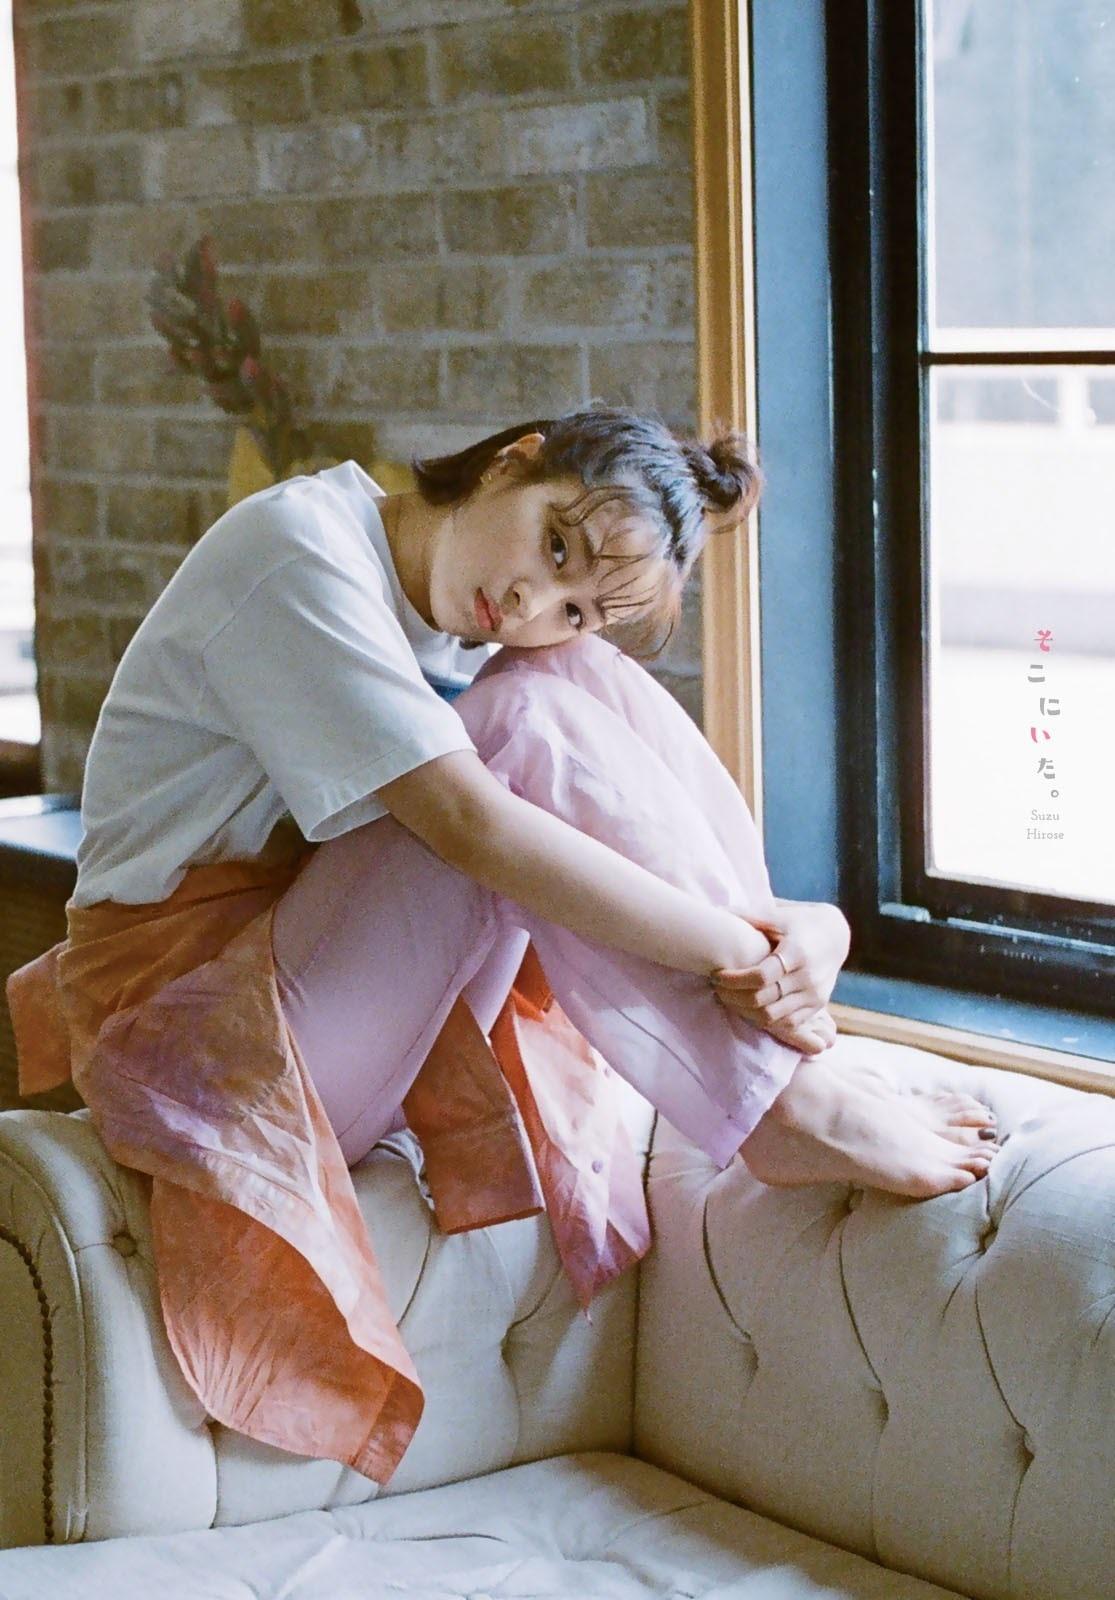 少年Magazine 广濑丝丝 广濑铃009-2